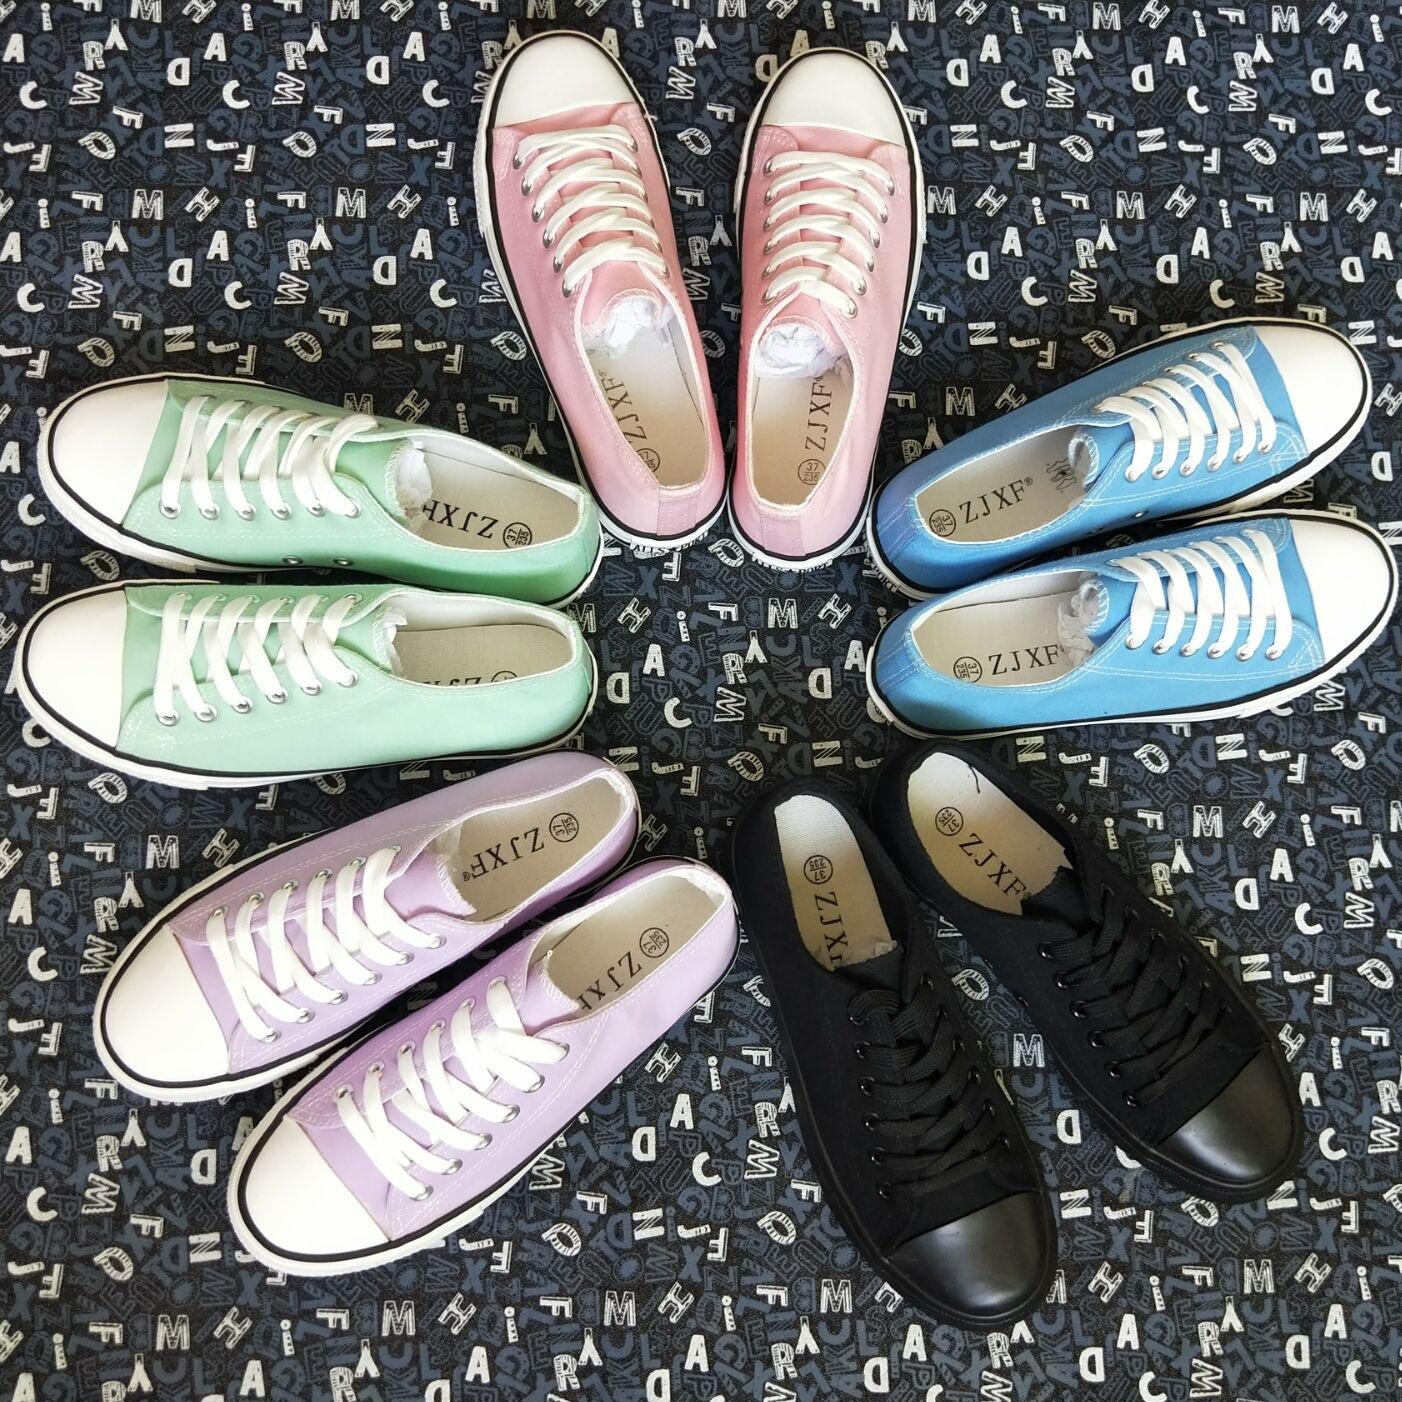 粉红色帆布鞋 彩色帆布鞋女鞋学生板鞋休闲百搭布鞋粉红色黑色浅蓝色深蓝色紫色_推荐淘宝好看的粉红色帆布鞋